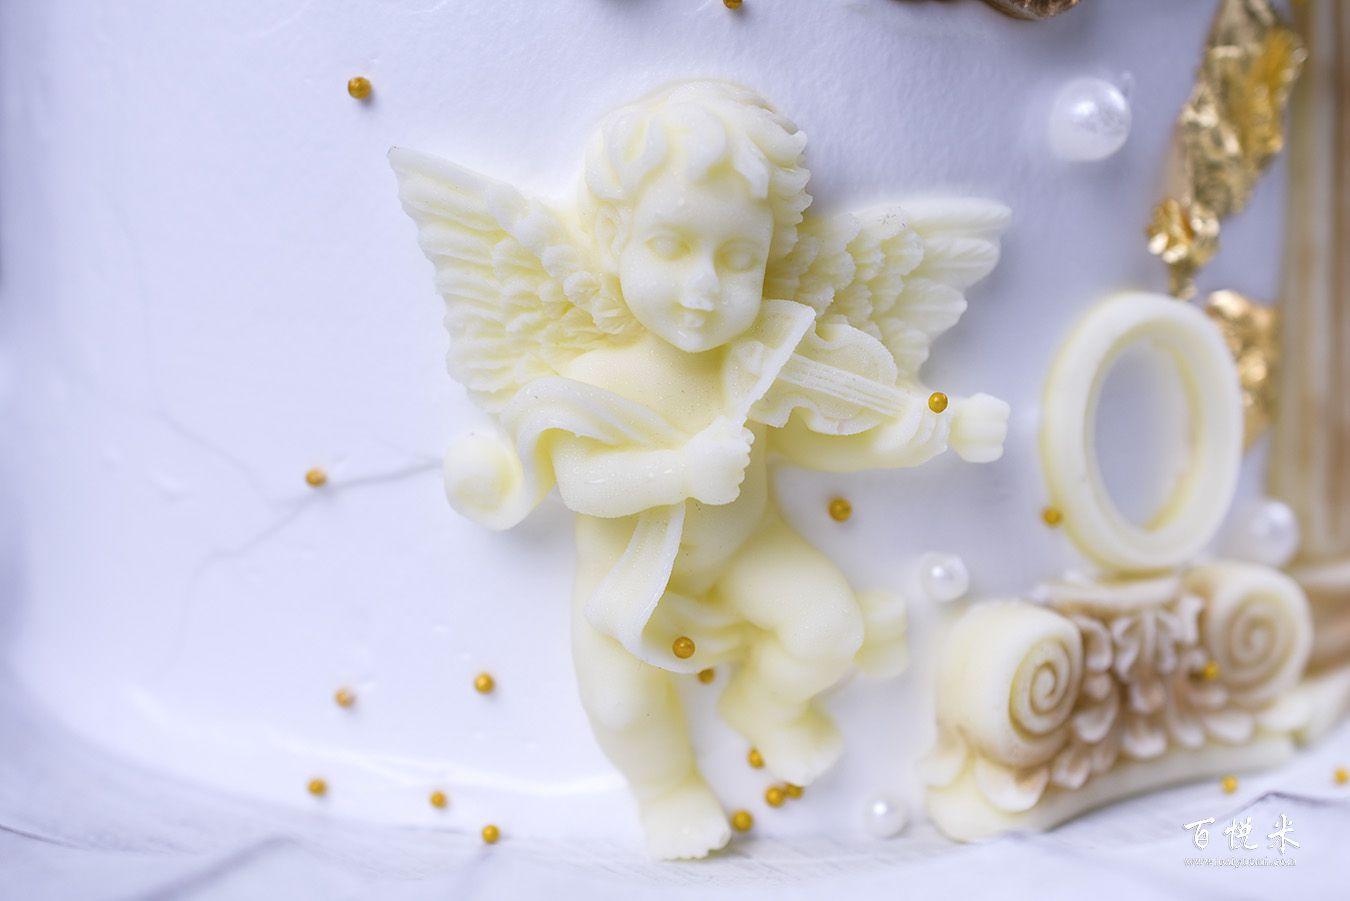 罗马天使浮雕蛋糕高清图片大全【蛋糕图片】_1065